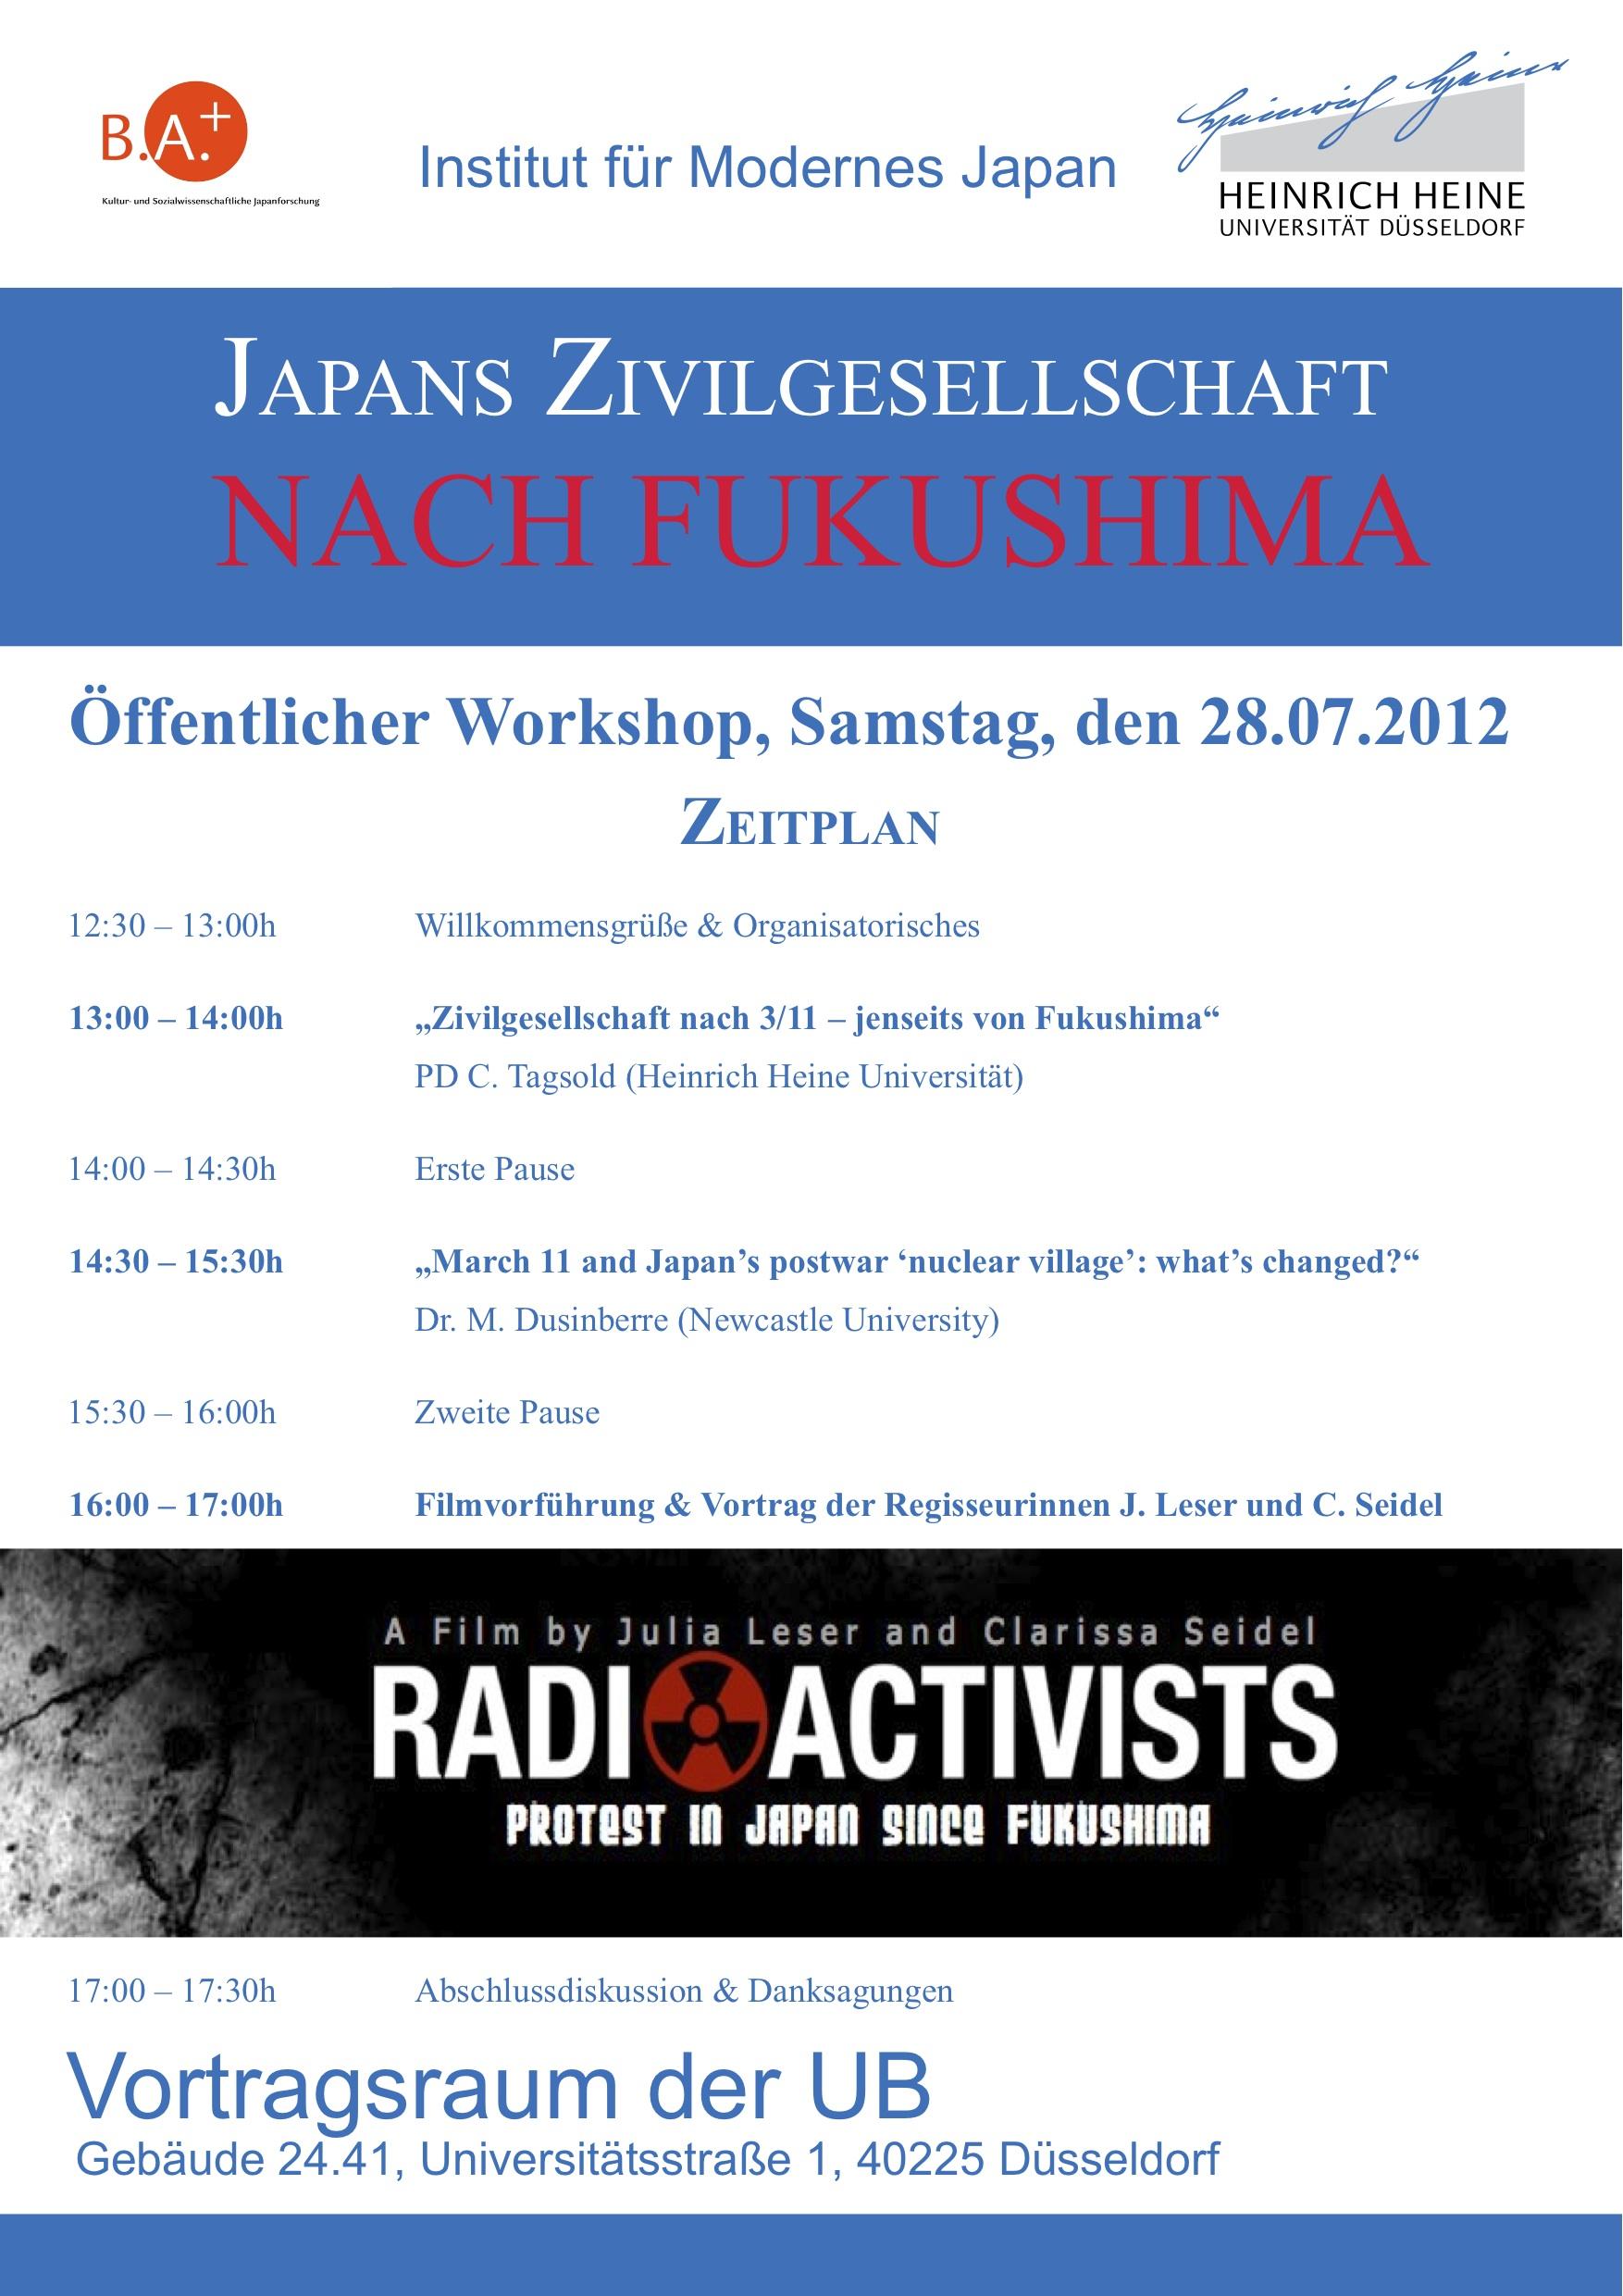 Dieser Beitrag wurde unter Bachelor Plus, Veranstaltungen (Düsseldorf)  abgelegt am 19. Juli 2012 von Peter Bernardi.